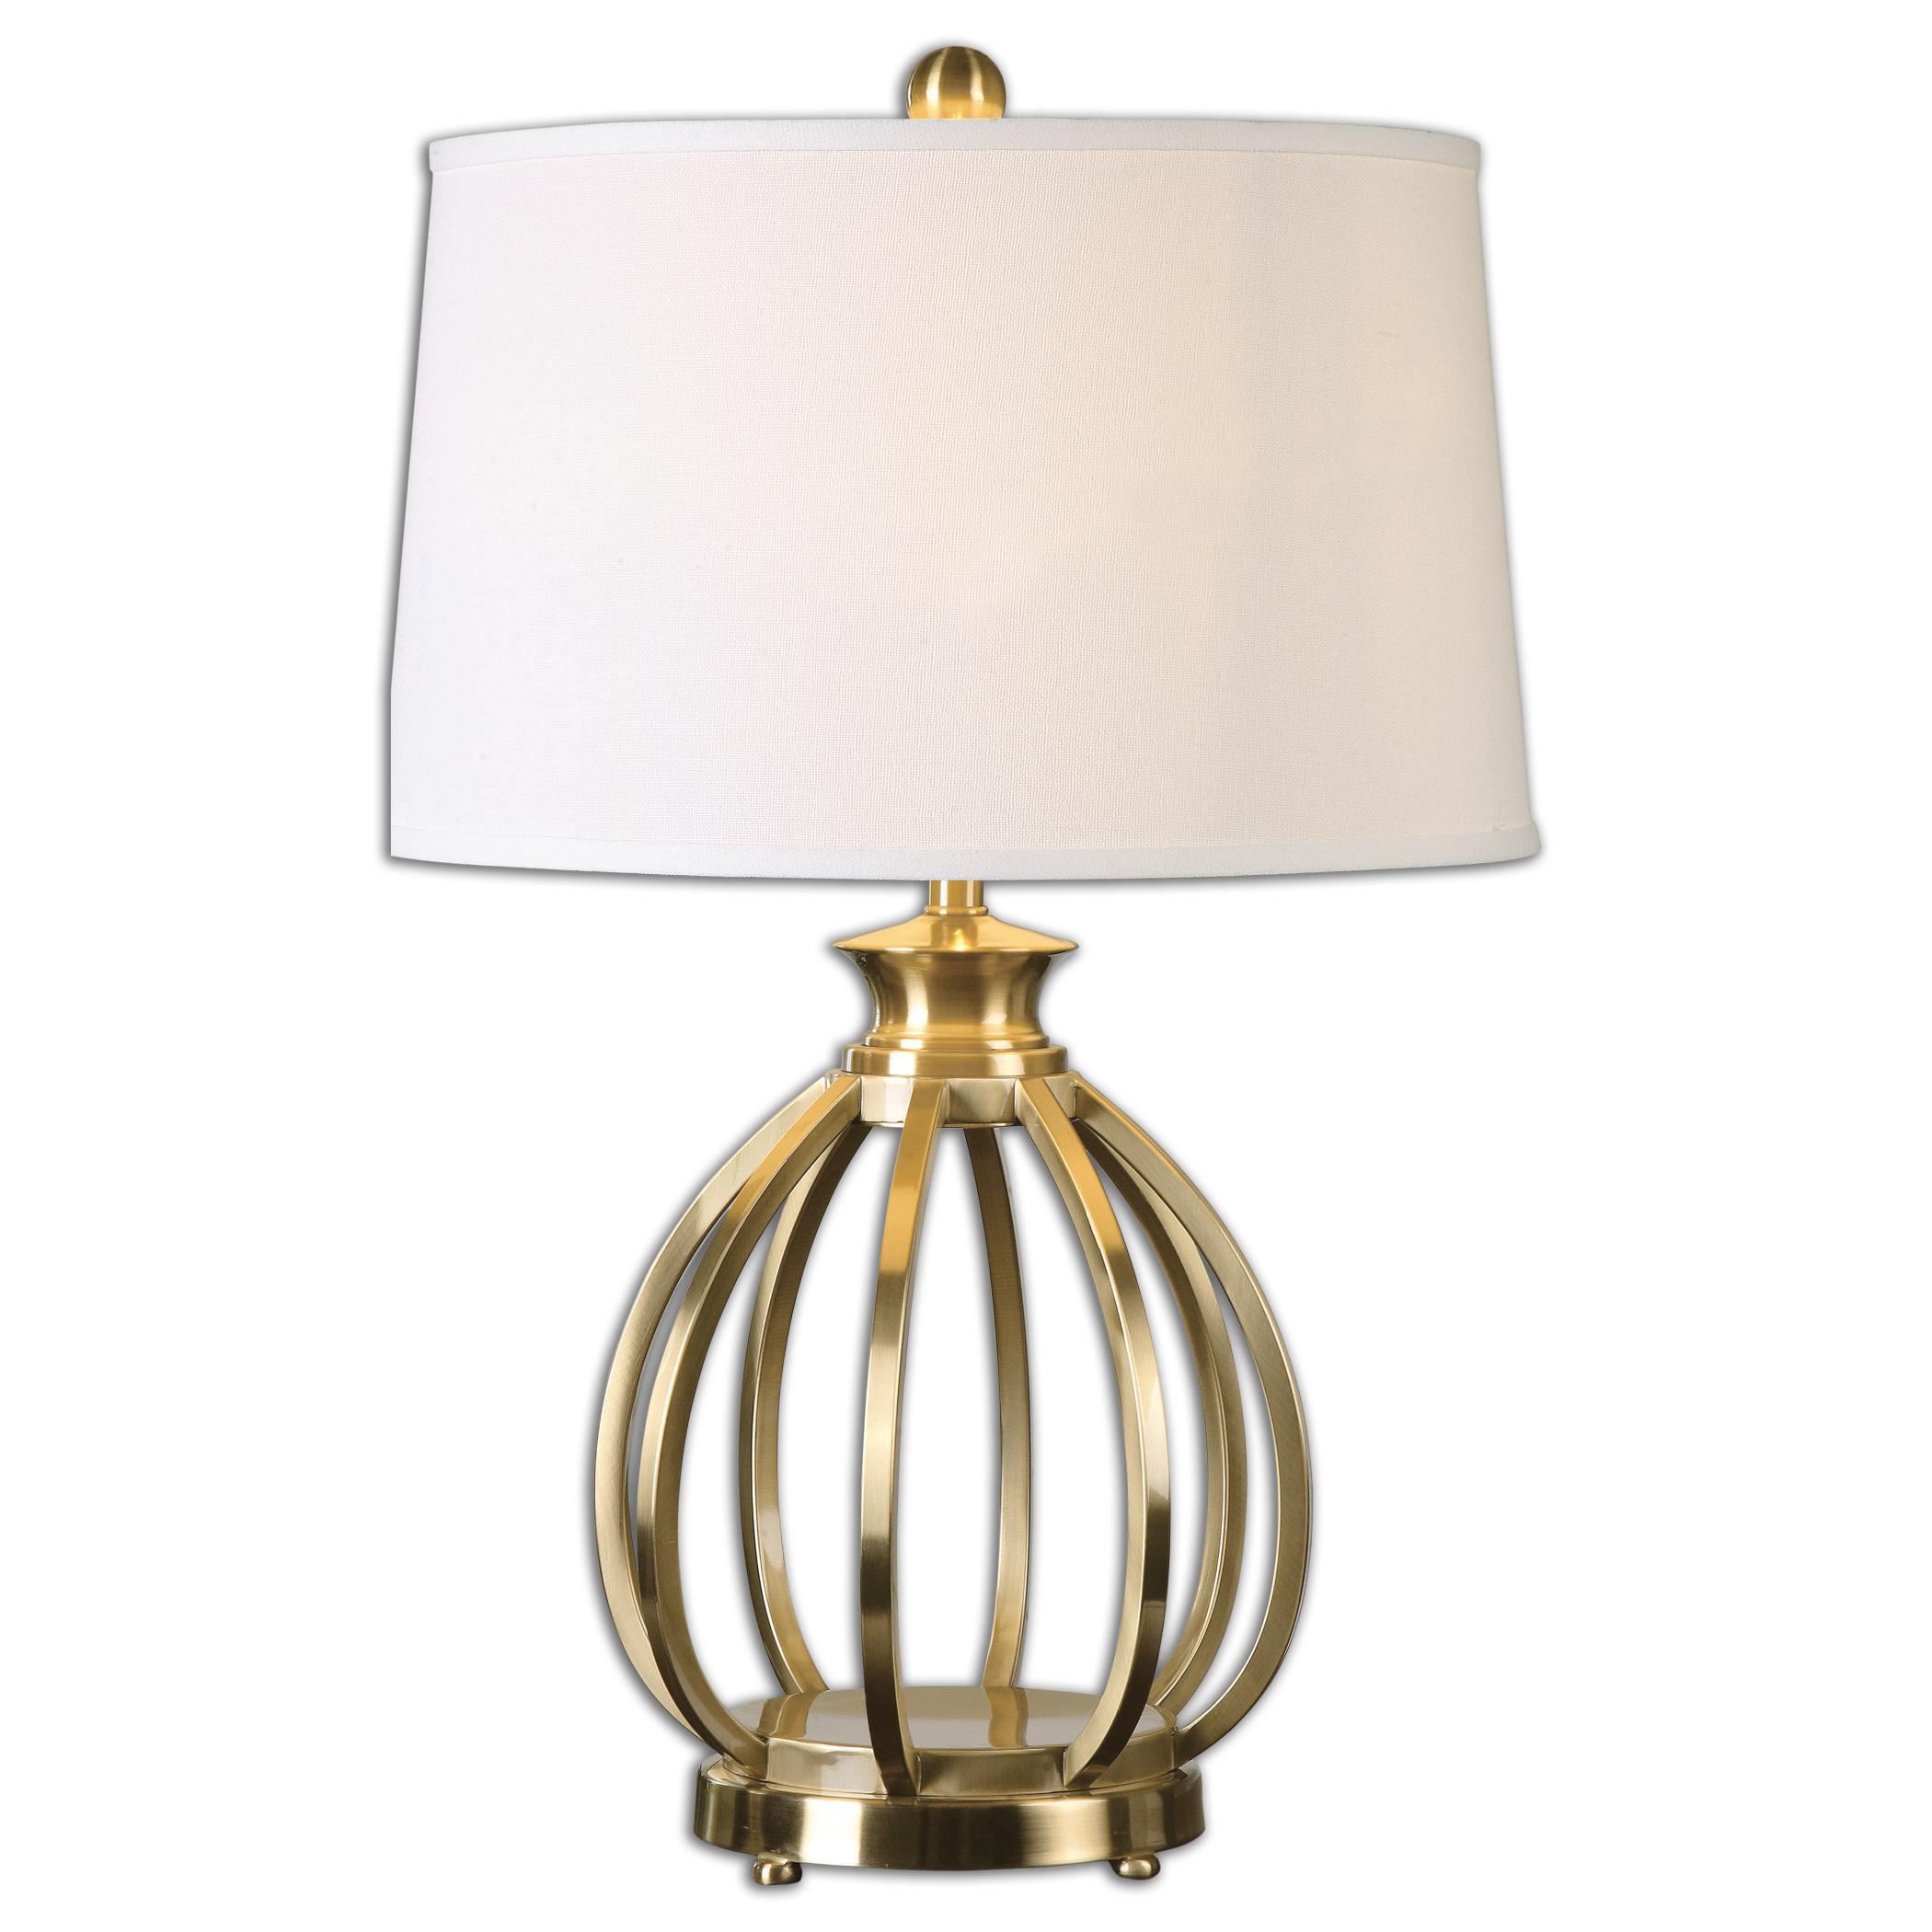 Decimus Brass Lamp